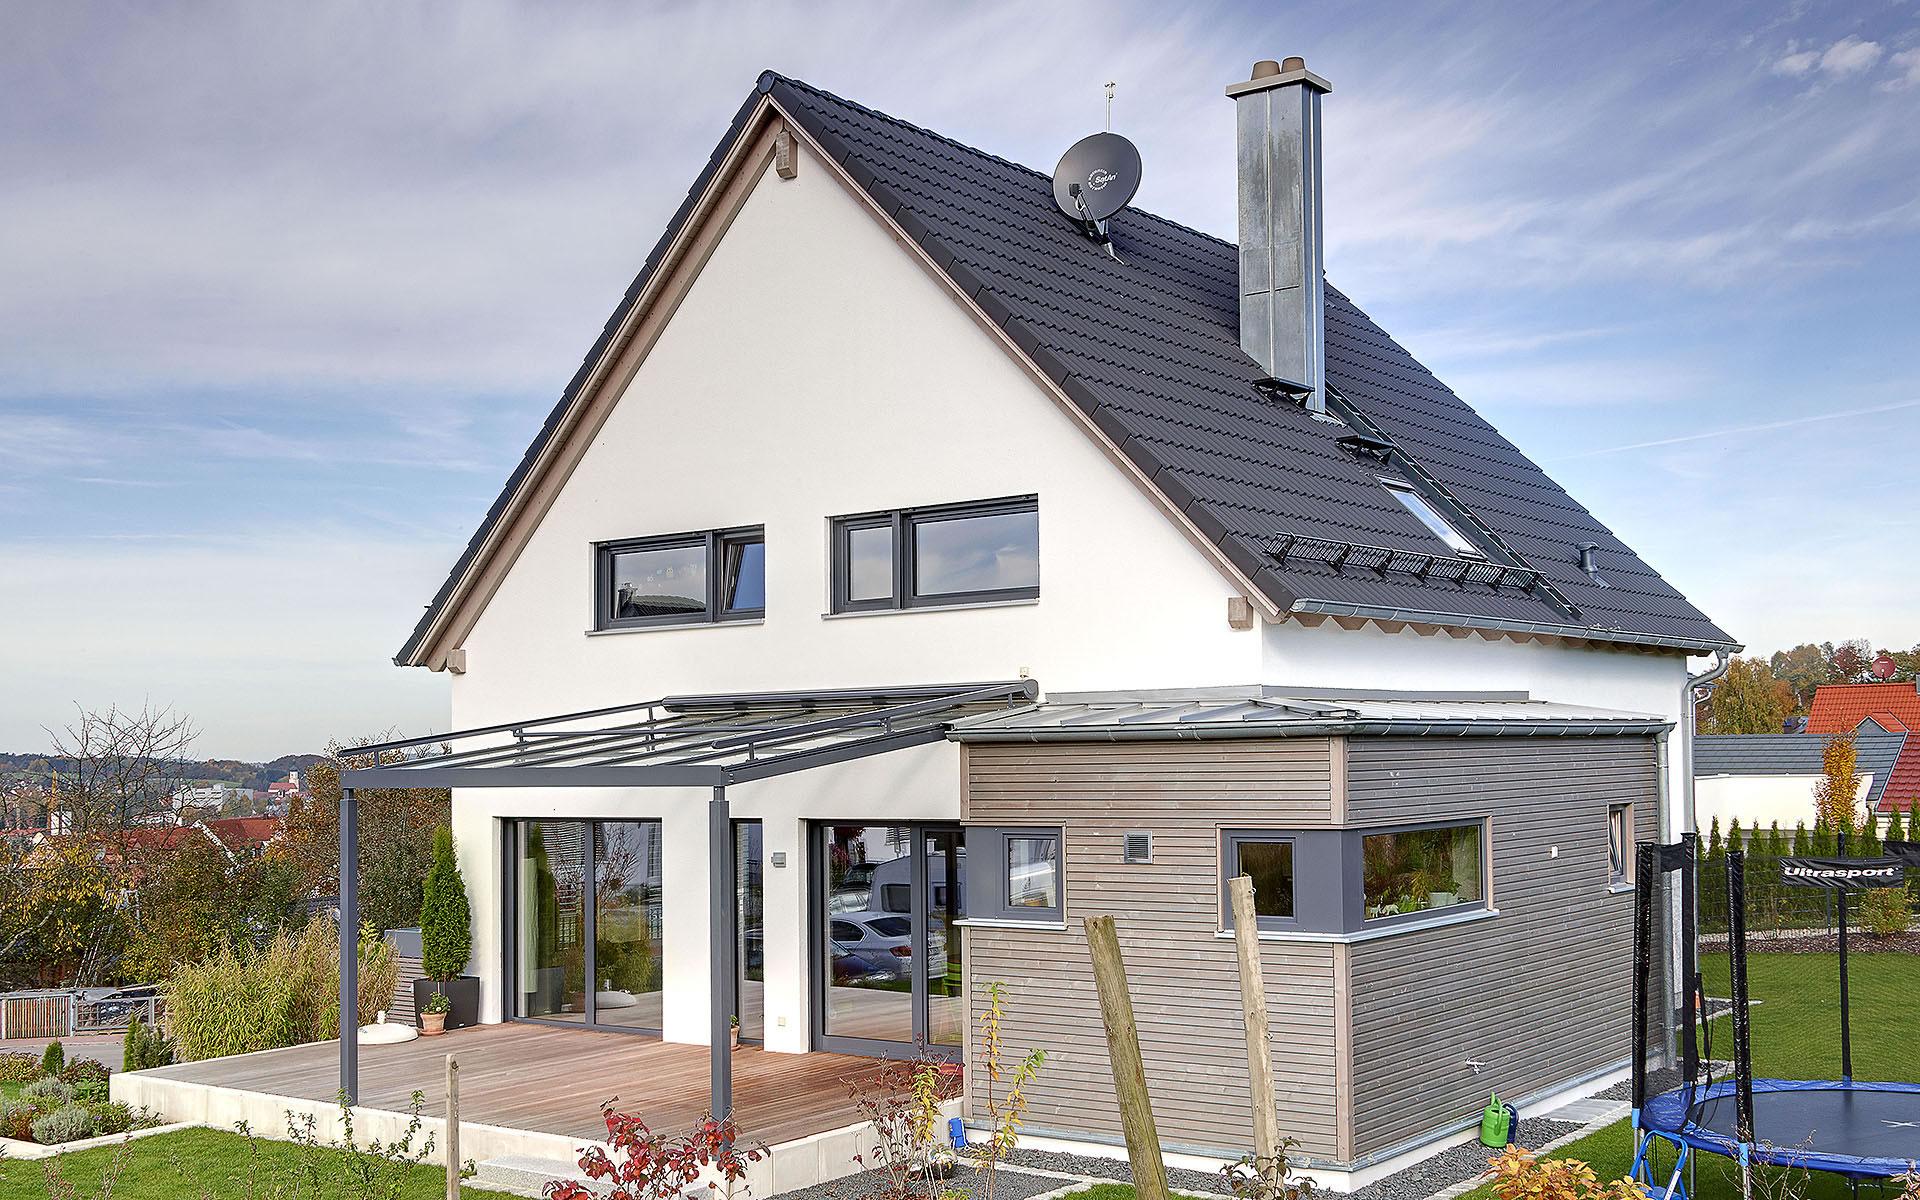 Hegger von Sonnleitner Holzbauwerke GmbH & Co. KG